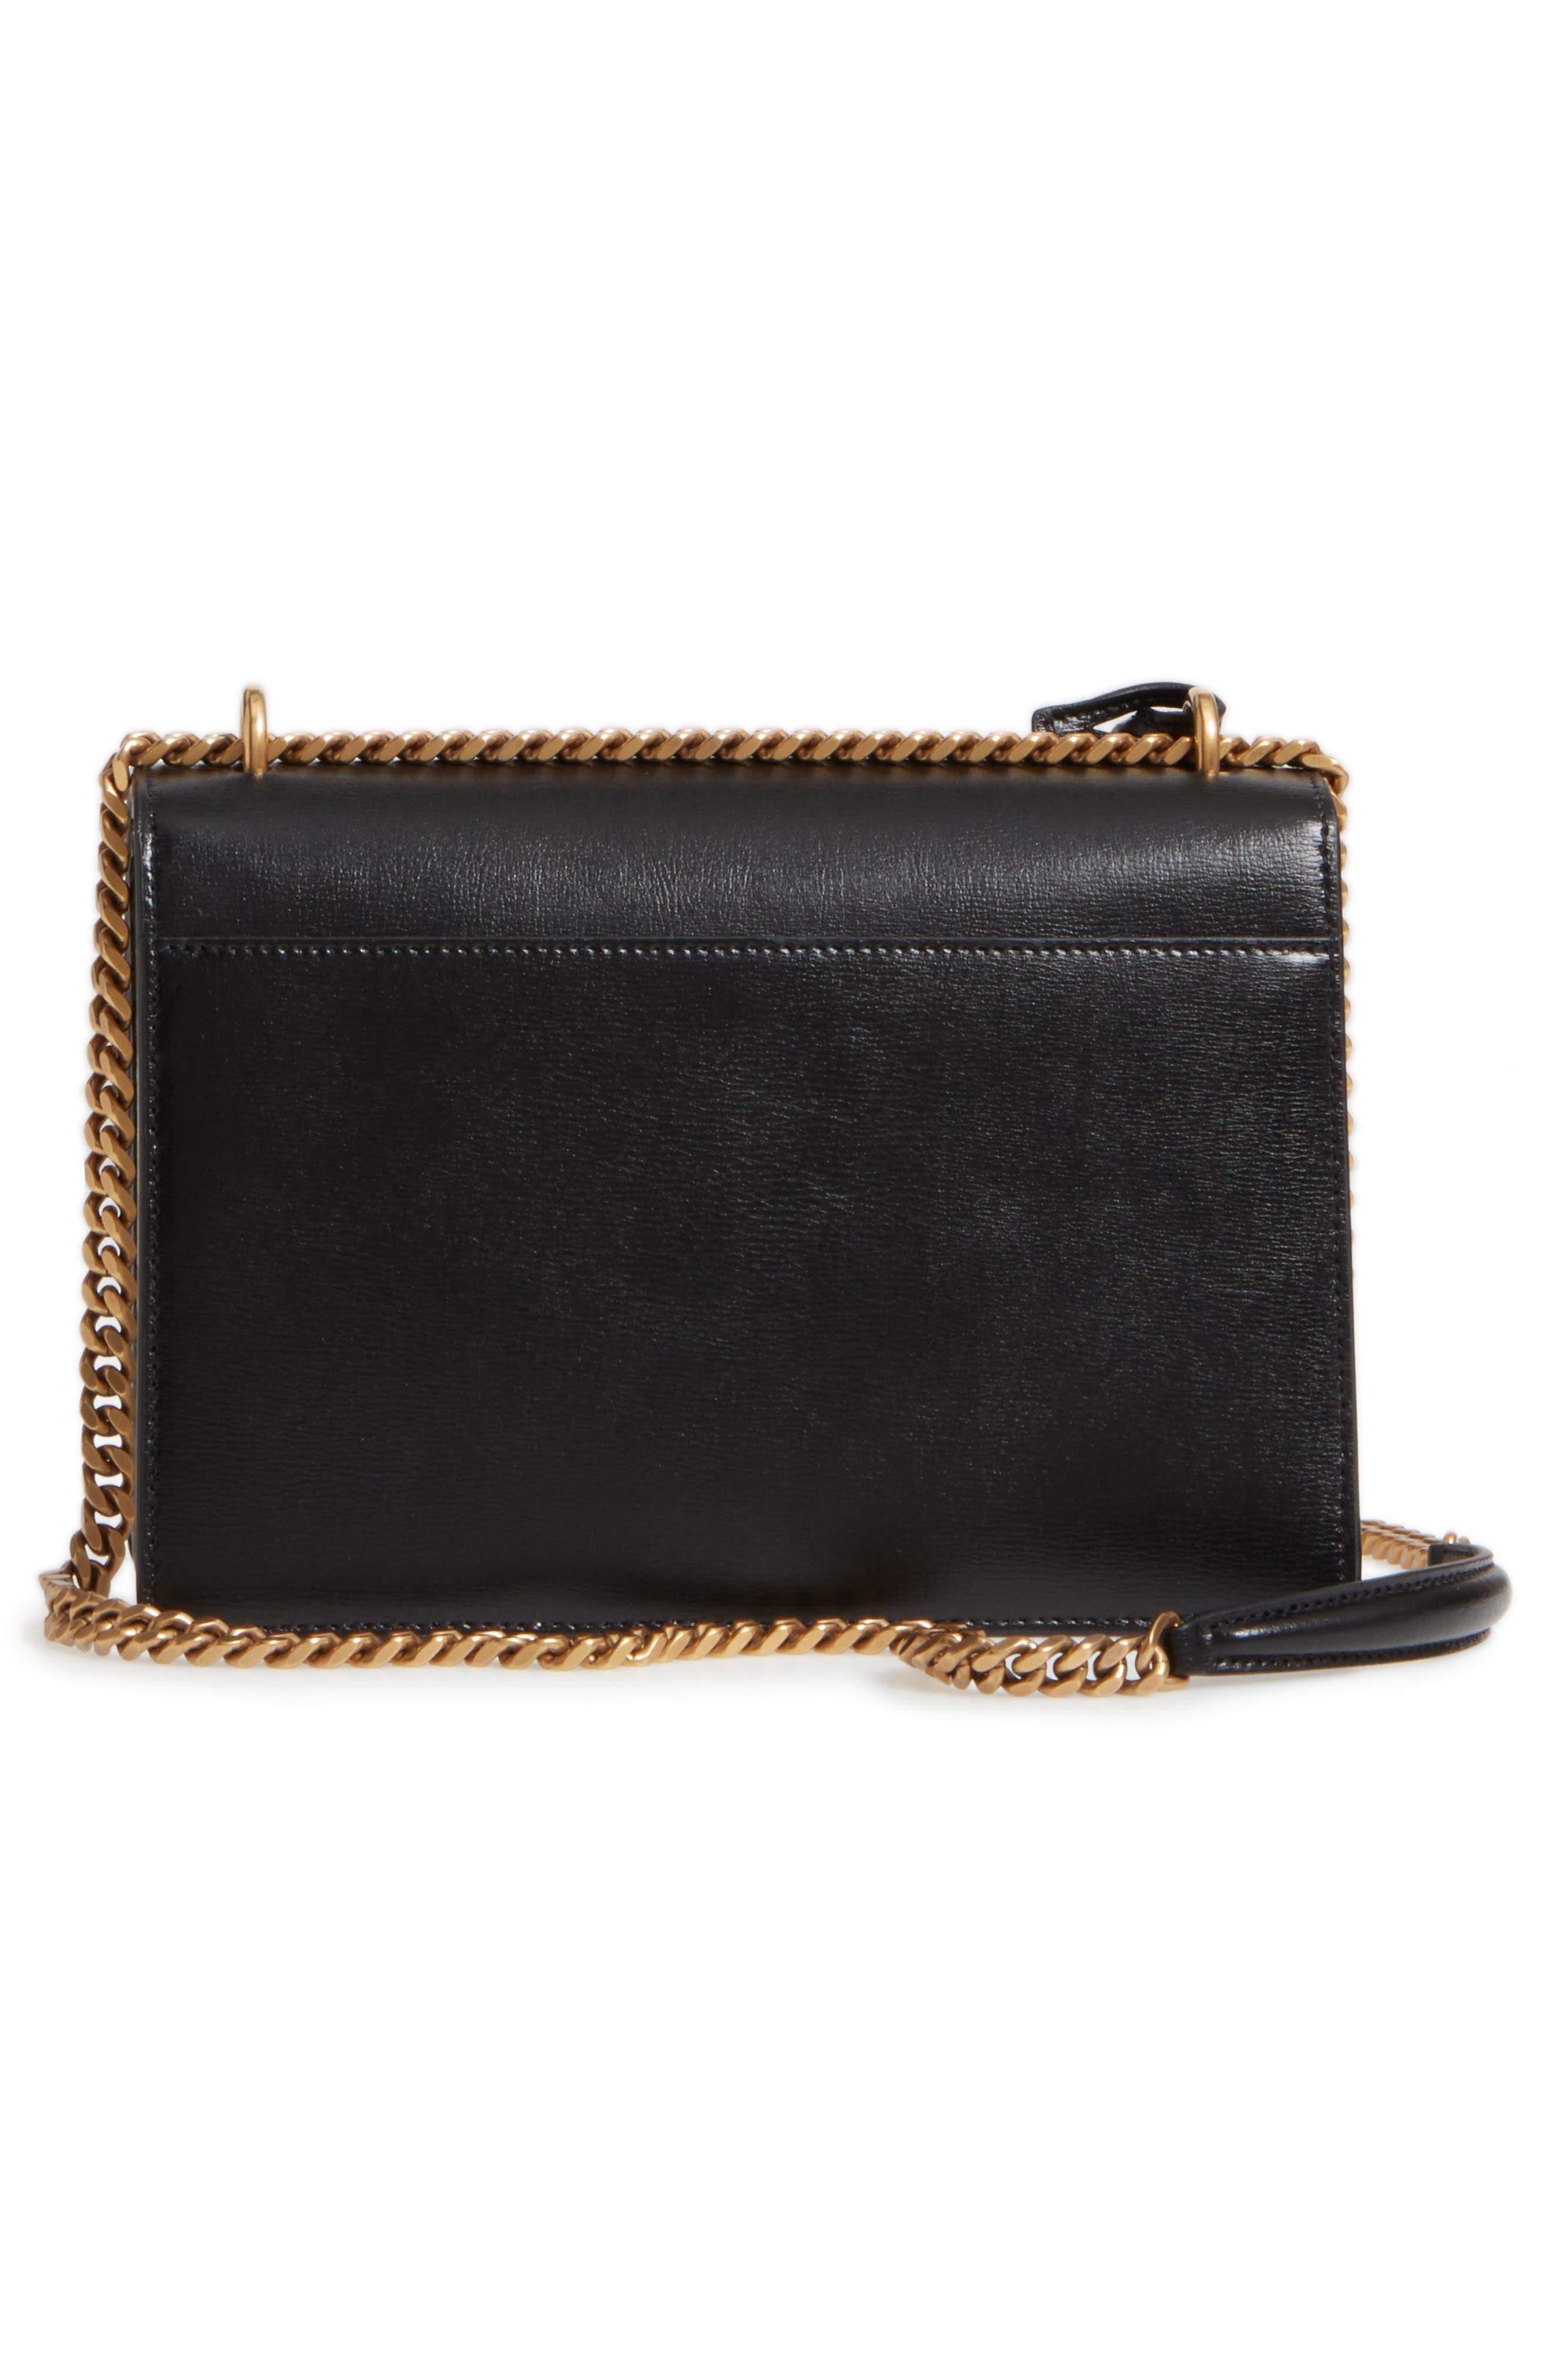 Medium Sunset Leather Shoulder Bag,                             Alternate thumbnail 3, color,                             001